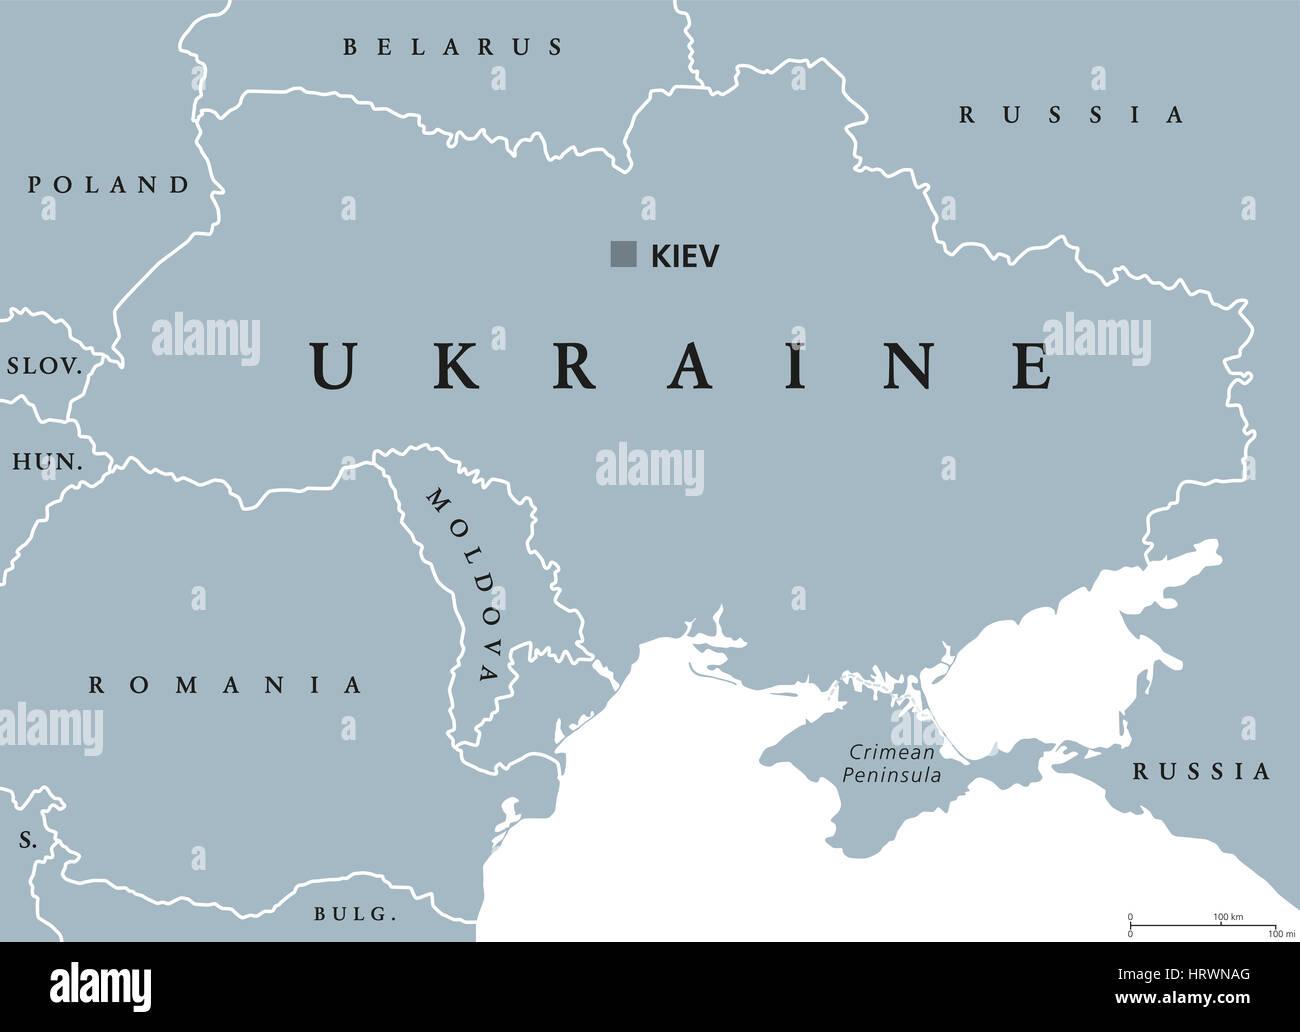 Ukraine Political Map With Capital Kiev National Borders Crimean